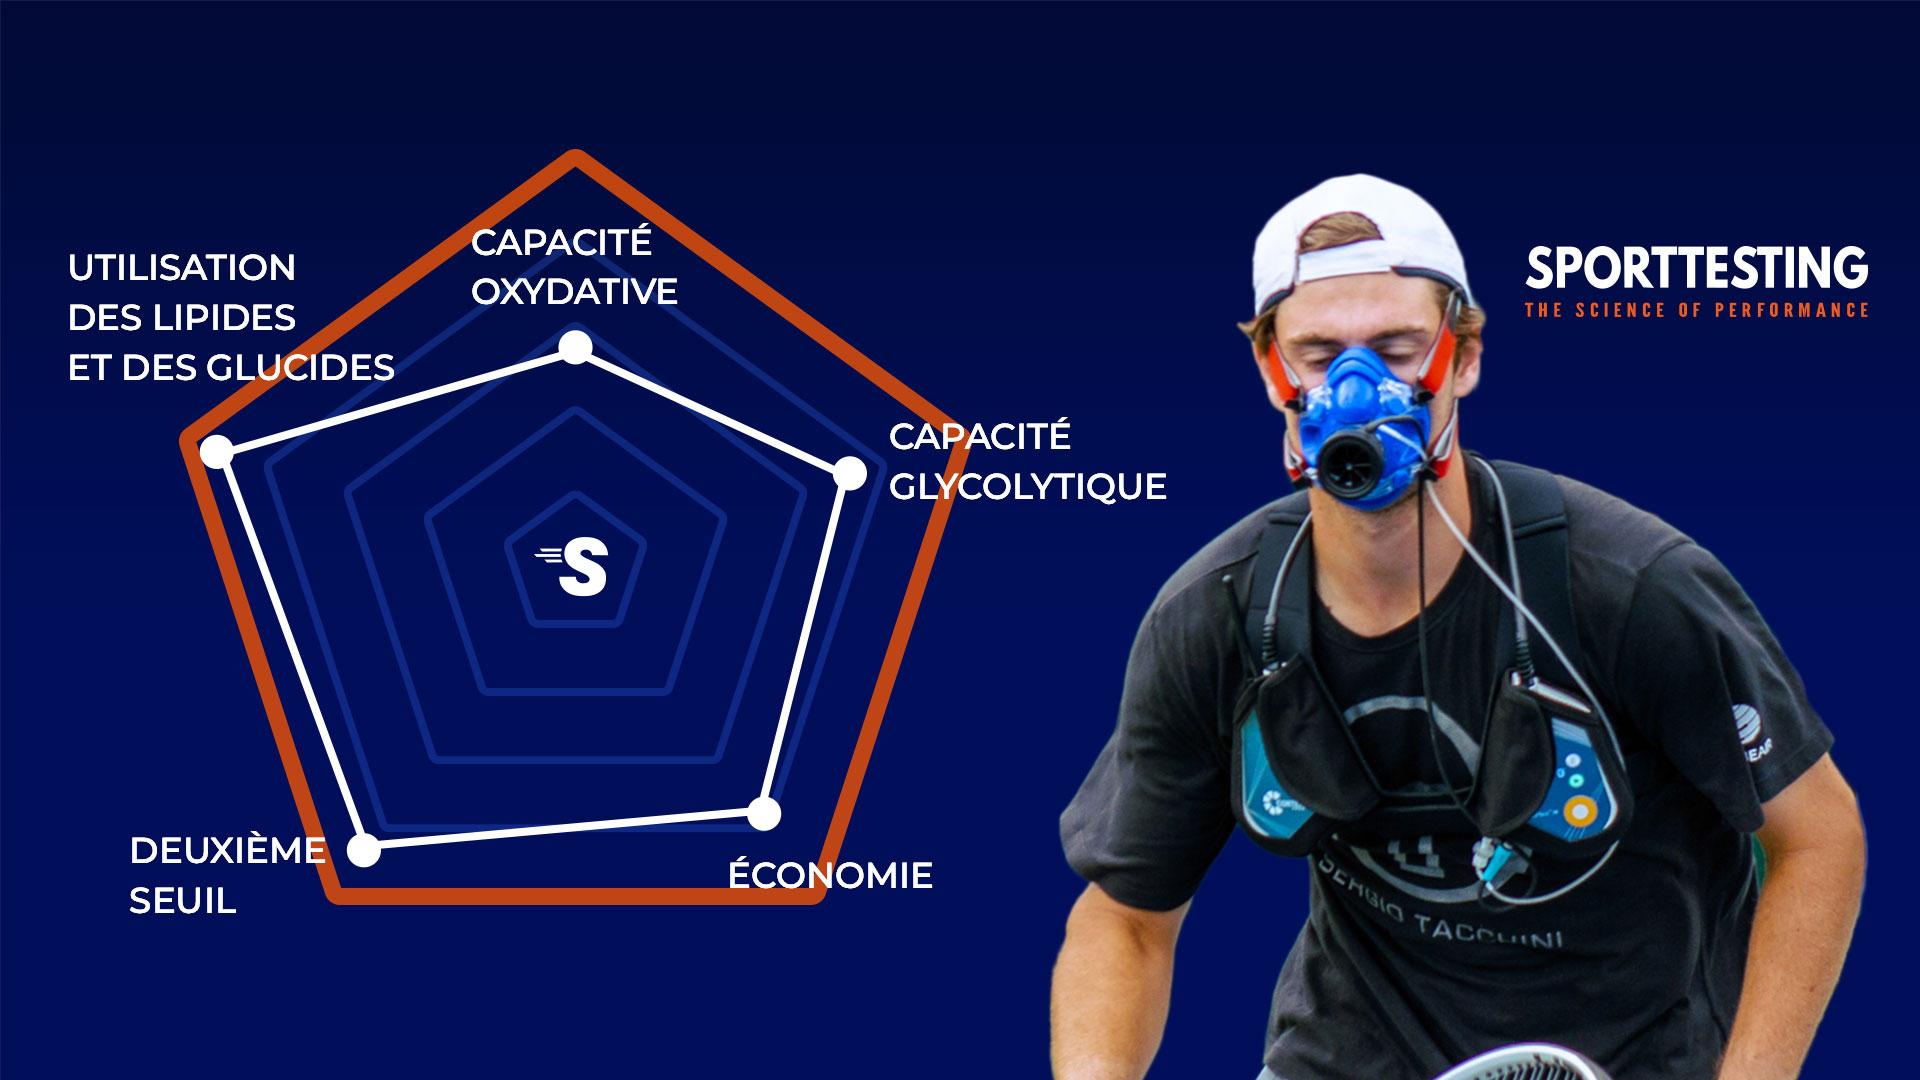 Exemple de profil d'un sportif d'endurance avec sa capacité oxydative, capacité glycolytique, utilisation des lipides et des glucides, 2ème seuil, économie. Sporttesting.